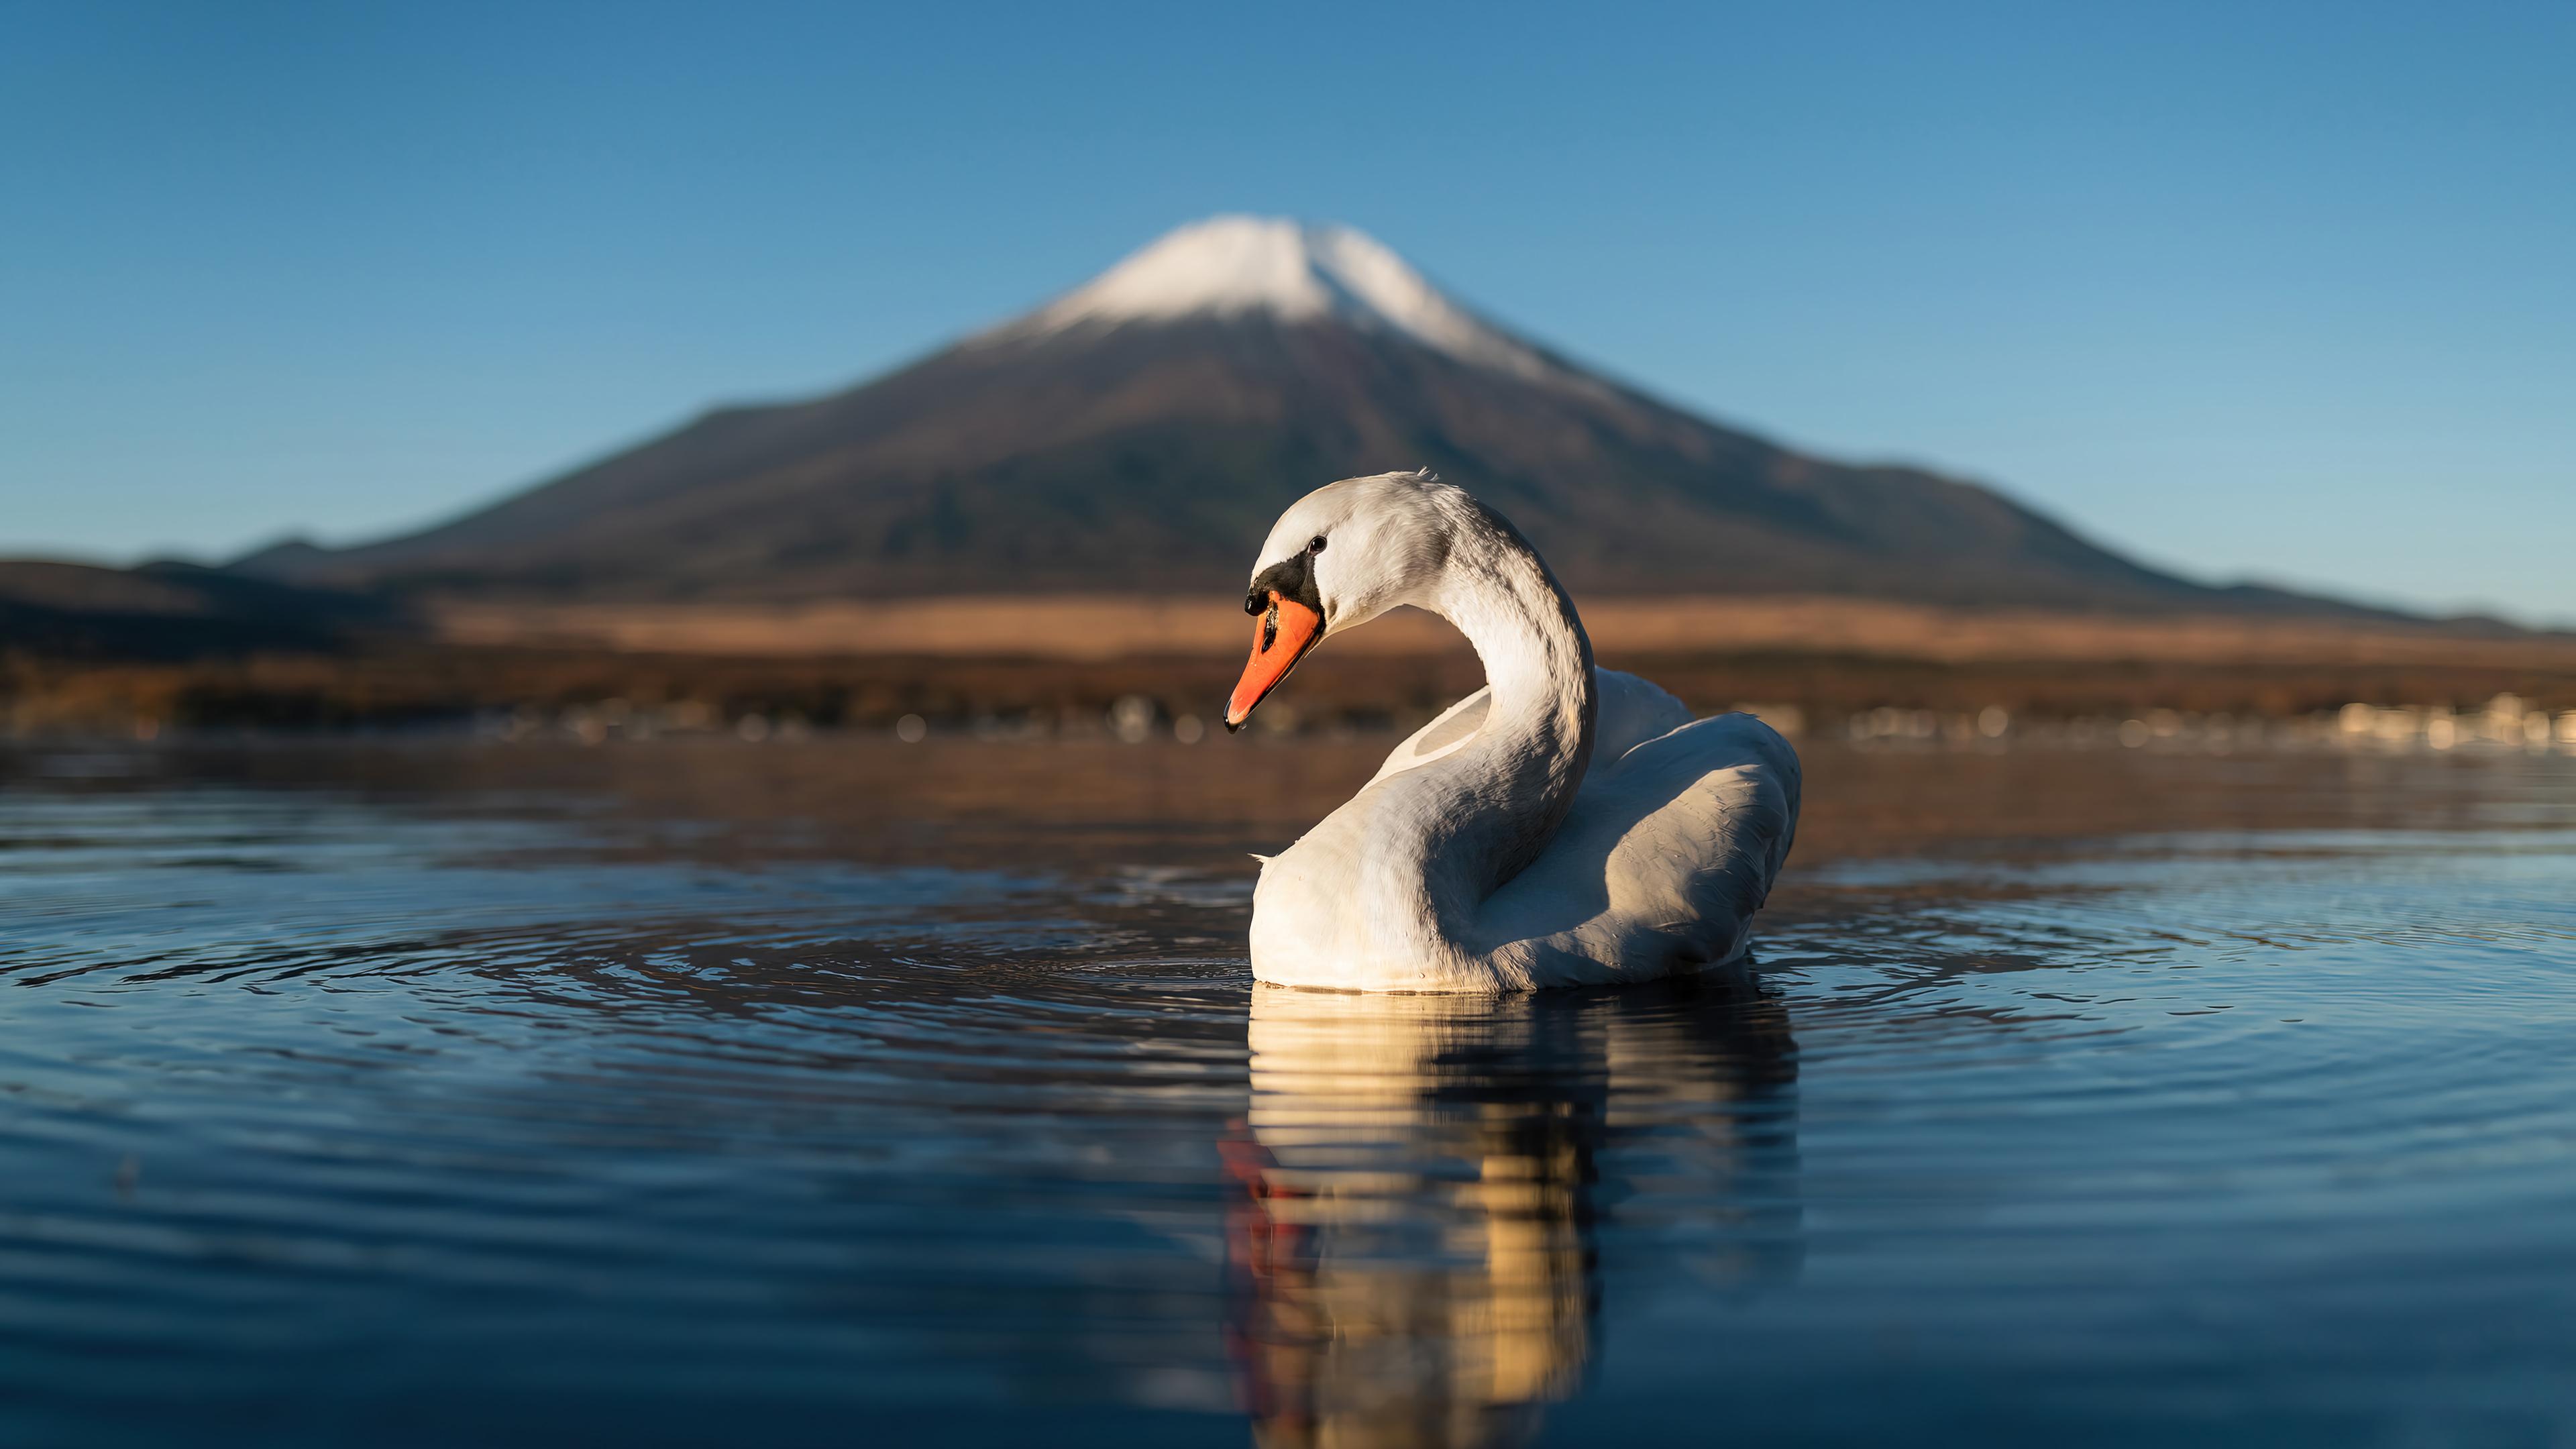 Wallpaper Swan in lake next to mountain